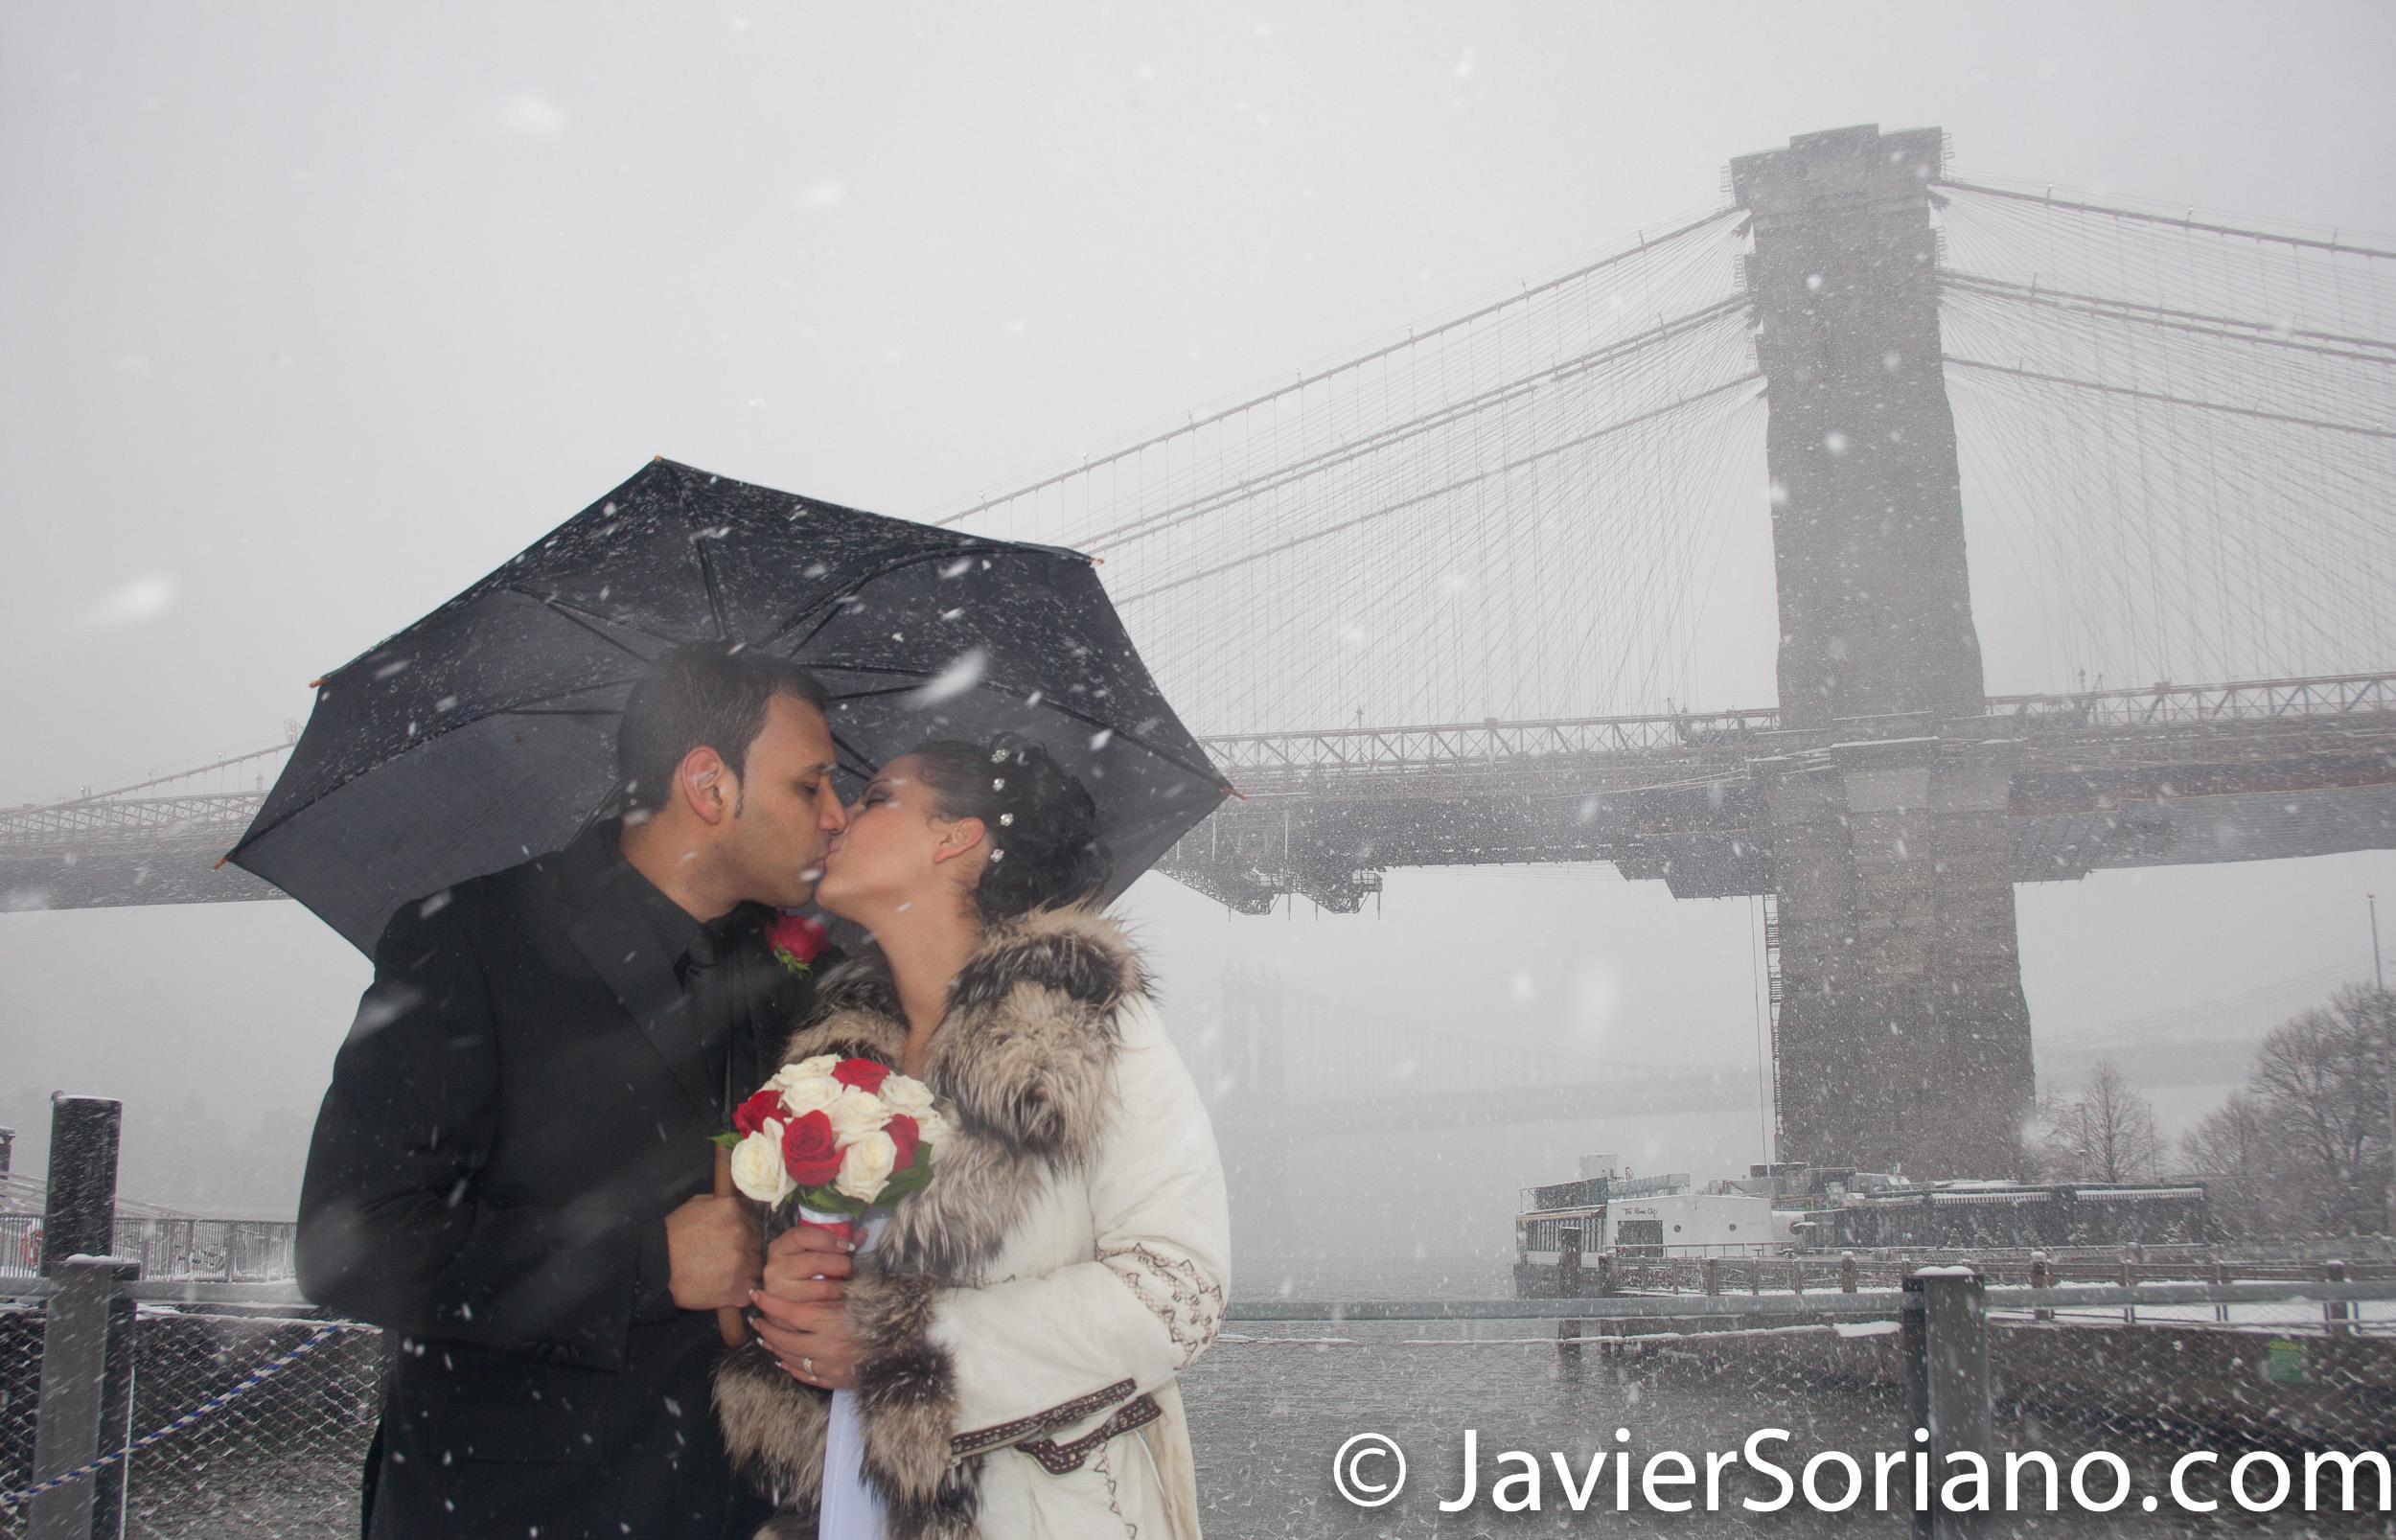 Parque del Puente de Brooklyn, Nueva York - Era Invierno. Estaba nevando. Nos divertimos mucho creando las fotos/video de la boda de esta pareja. Soy un narrador de bodas. Creo fotografías/videos que tu, tus hijas/hijos, nietos/nietas amarán por muchos años. Me encanta la fotografía/videografía. Me encantan las bodas. Me encantan las parejas. ¡Amo a la gente! Será un honor crear las fotos/video de tu boda. Foto por Javier Soriano/www.JavierSoriano.com